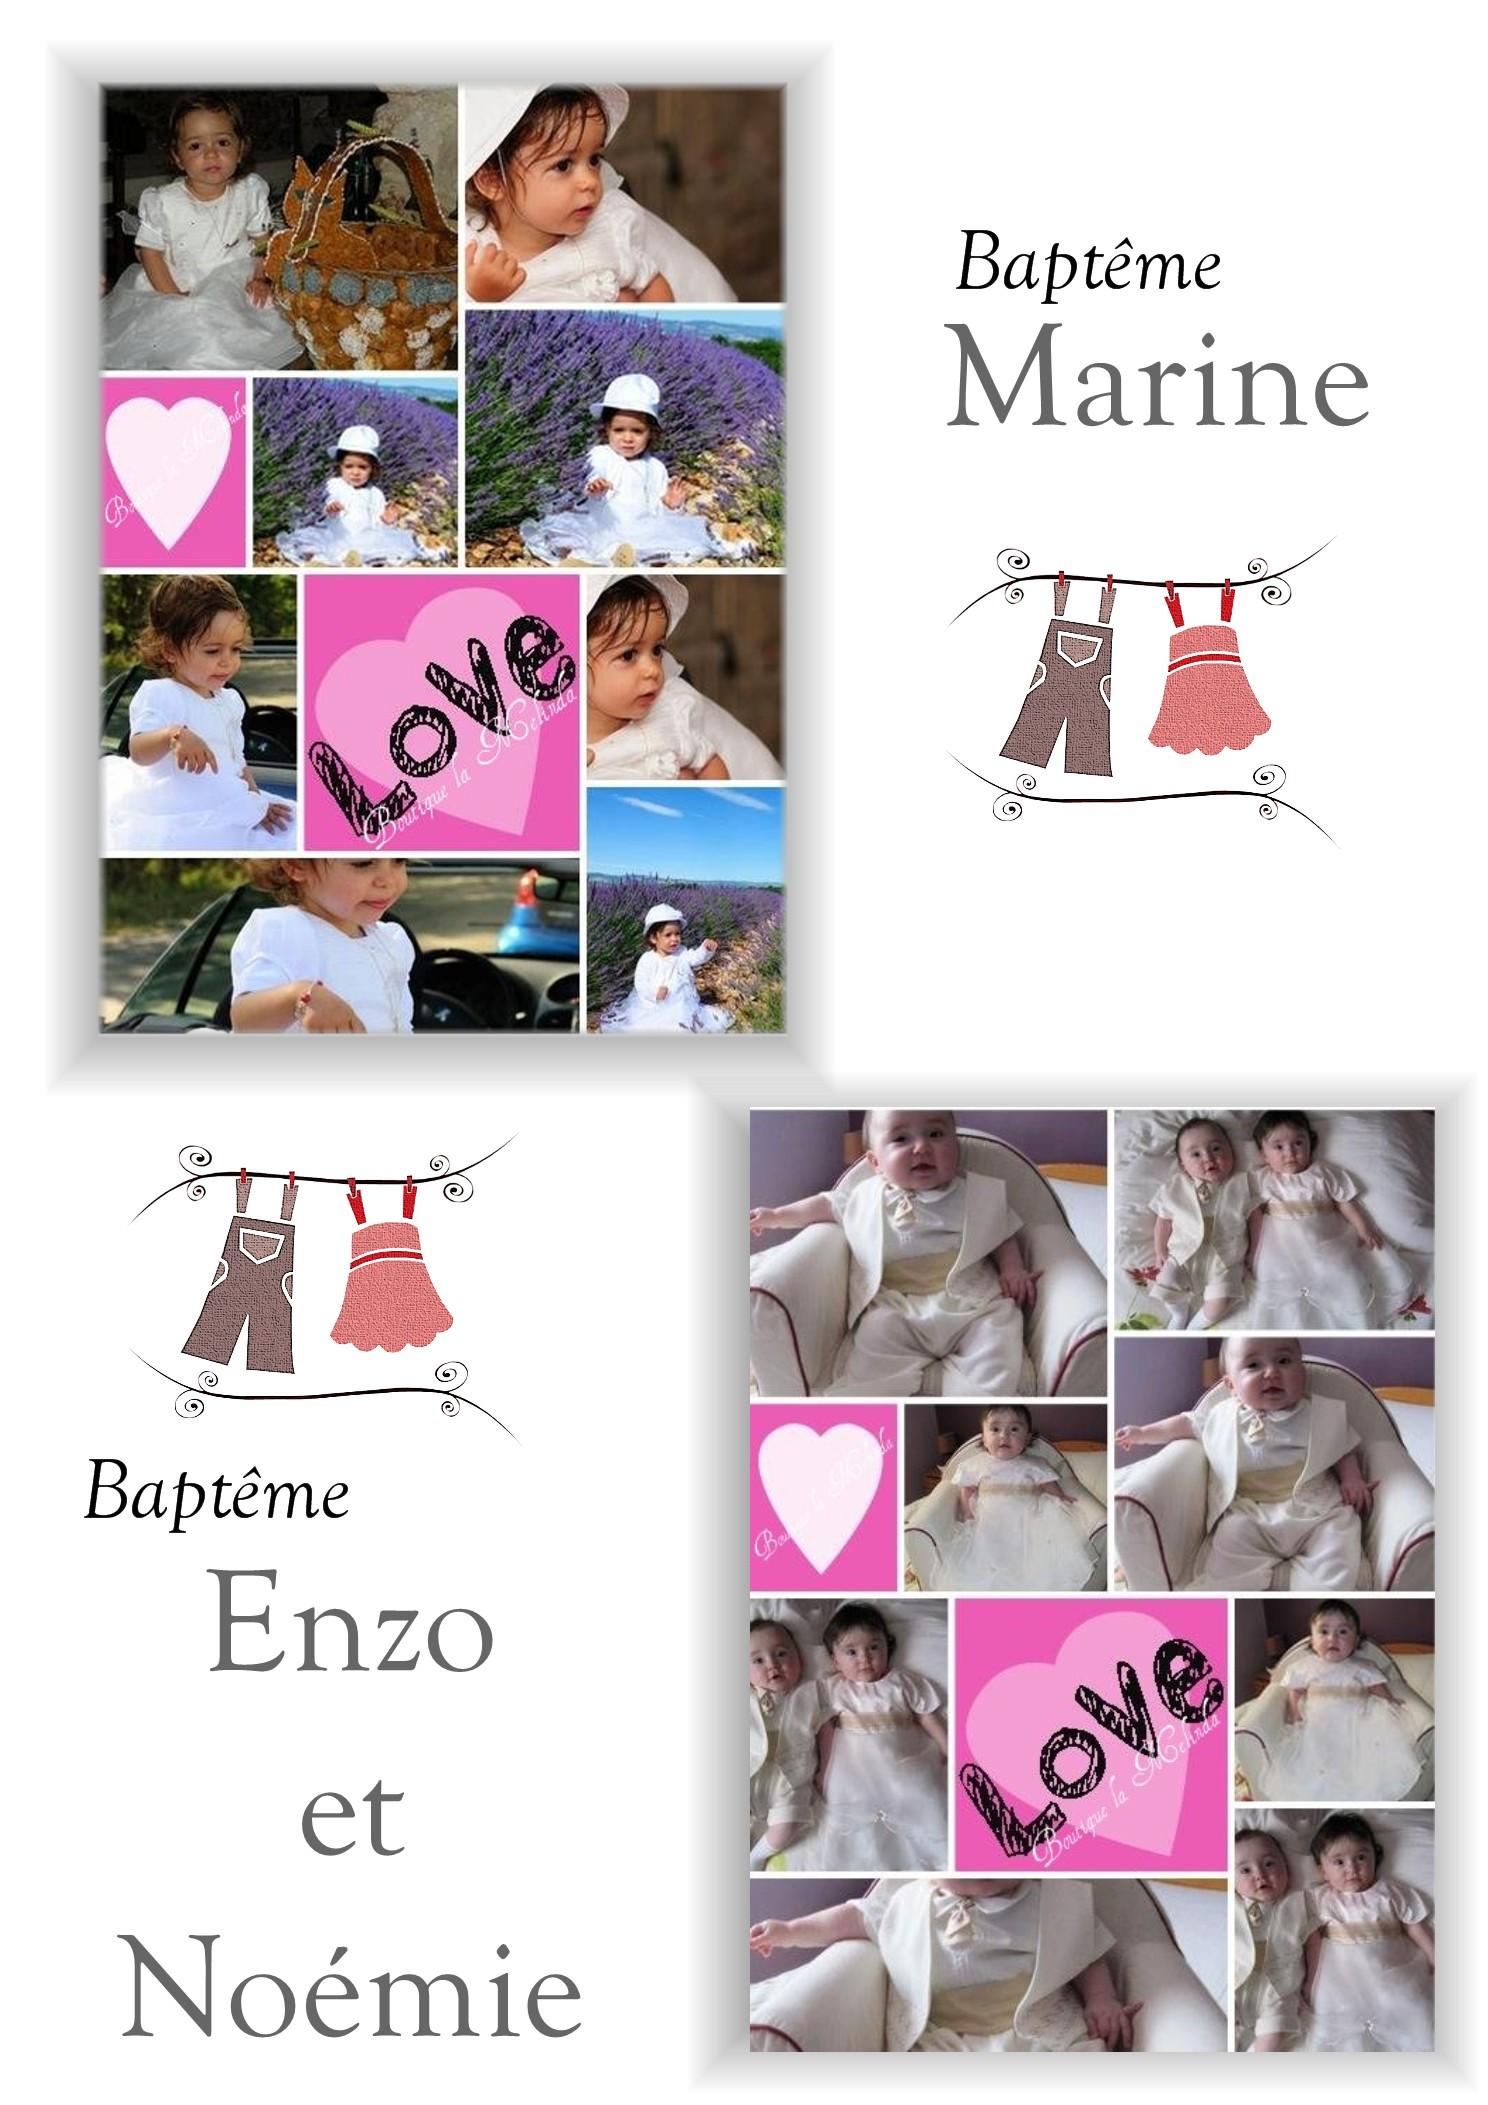 BOUTIQUE LA MELINDA CEREMONIE BAPTEME ENFANT COLLECTION PORTUGAISE ALBUM photo 2.jpg